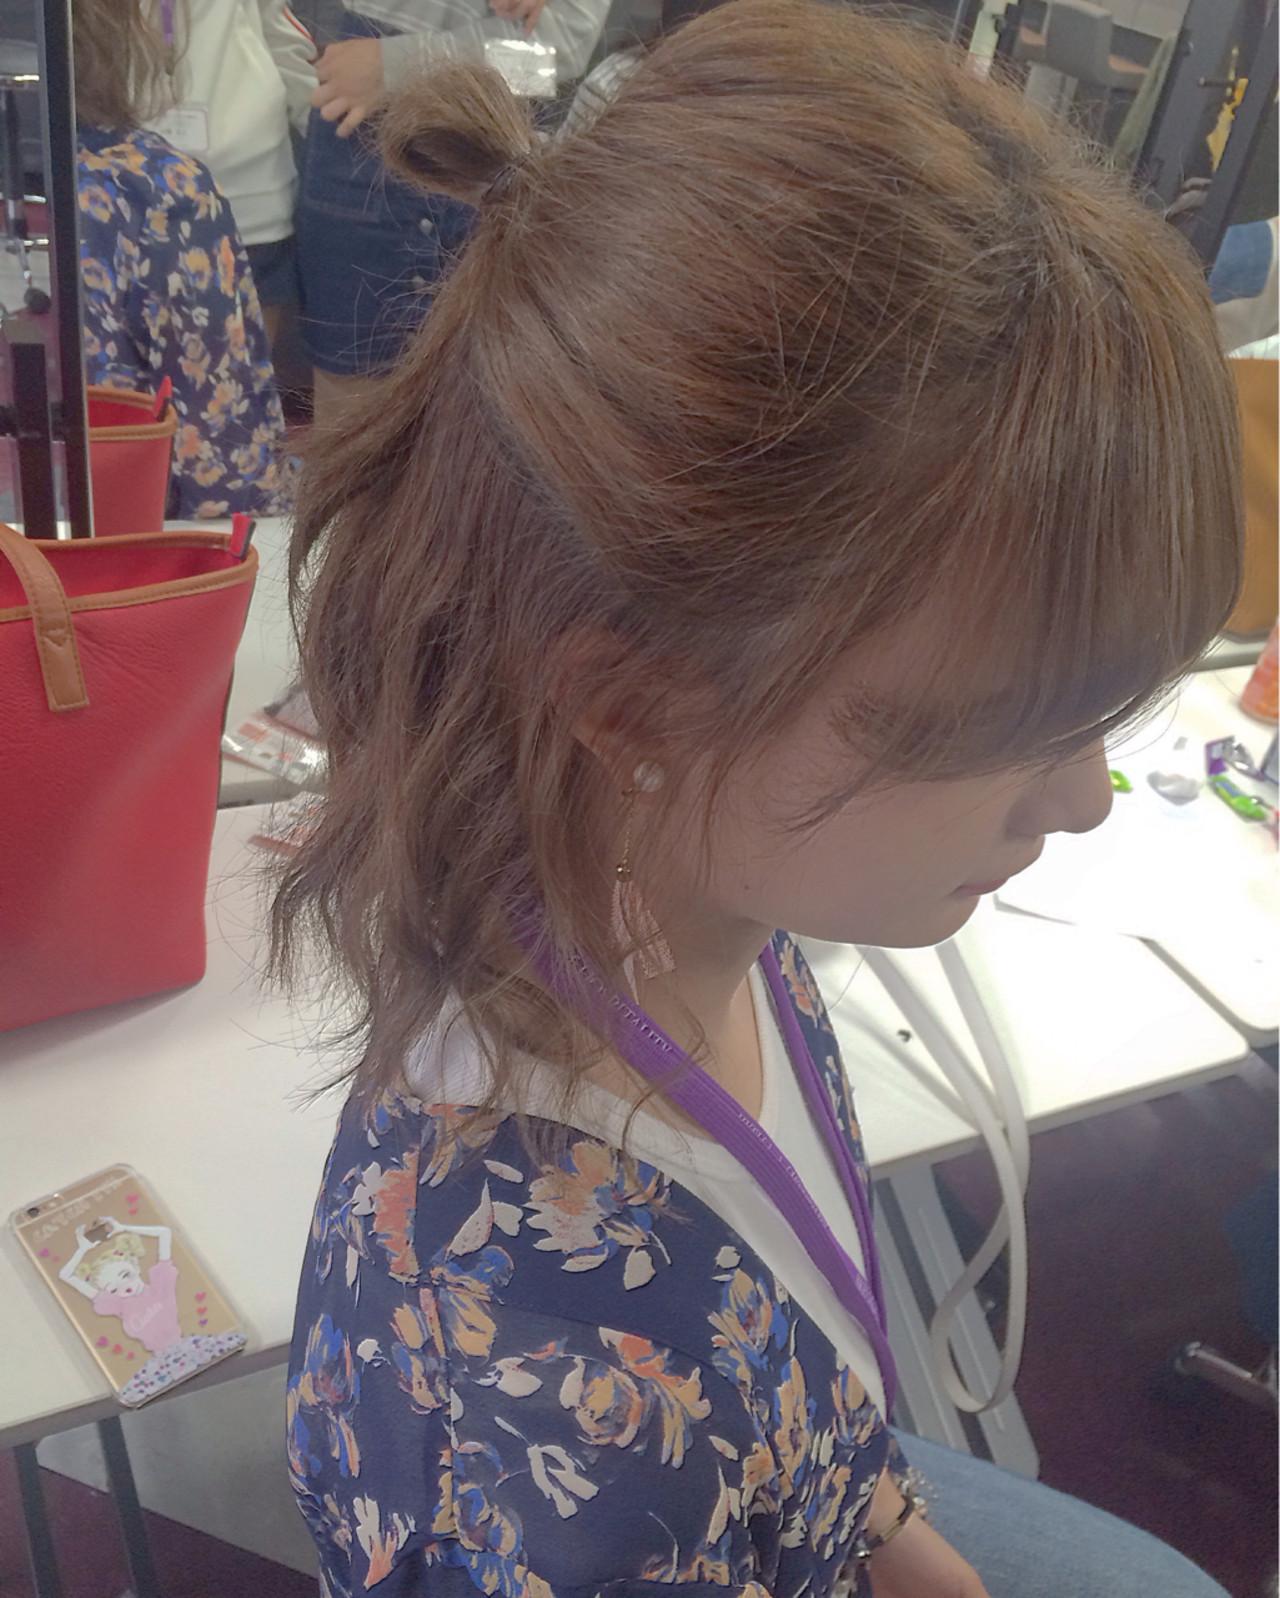 ショート ハーフアップ ゆるふわ ボブ ヘアスタイルや髪型の写真・画像